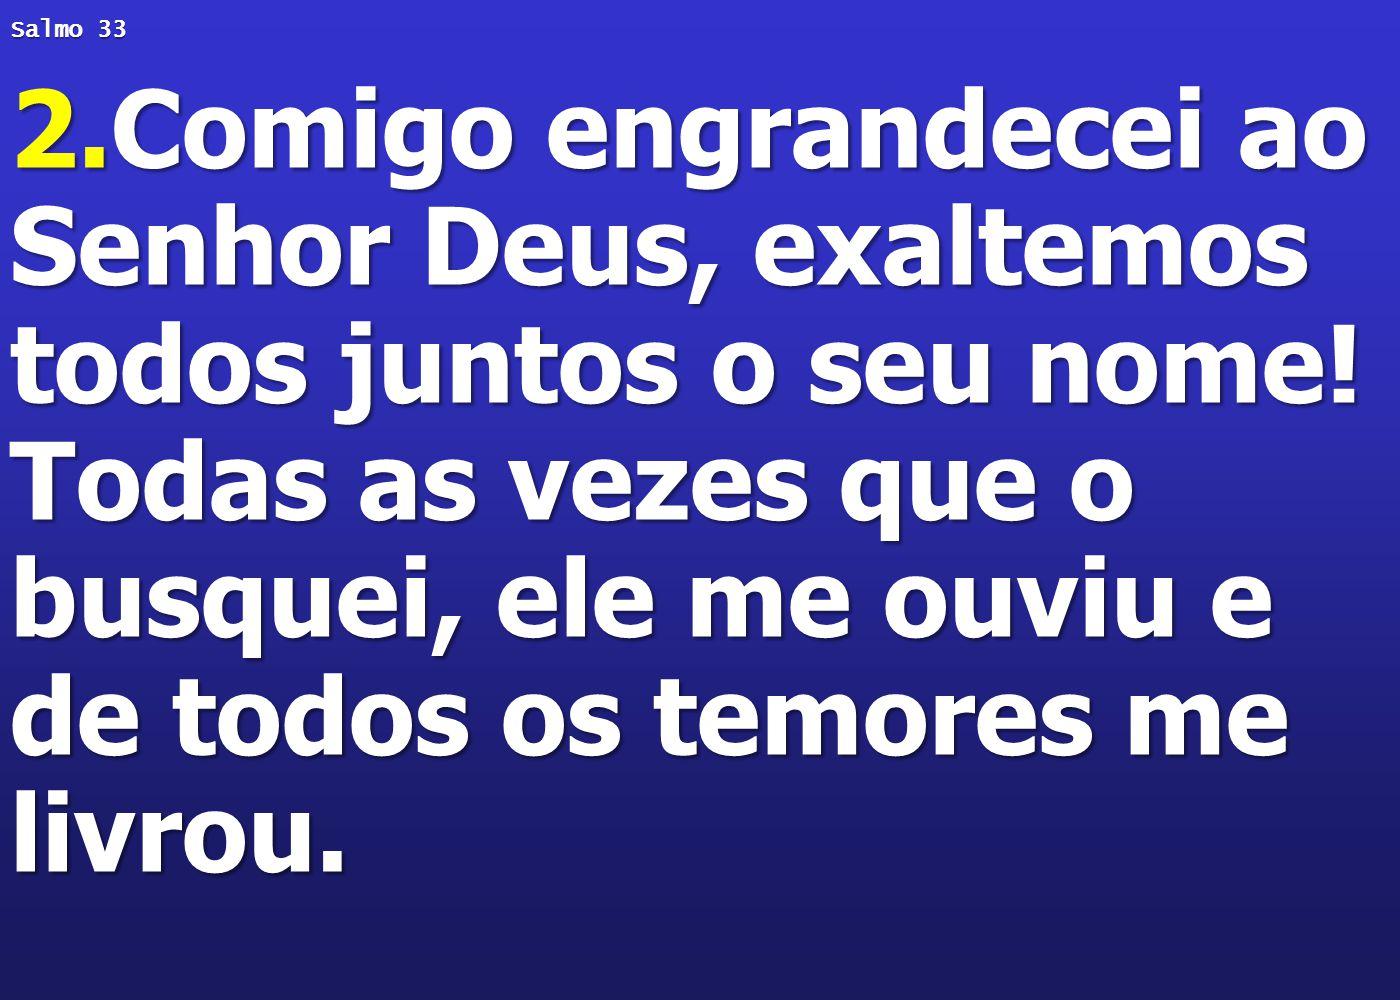 Salmo 33 2.Comigo engrandecei ao Senhor Deus, exaltemos todos juntos o seu nome! Todas as vezes que o busquei, ele me ouviu e de todos os temores me l